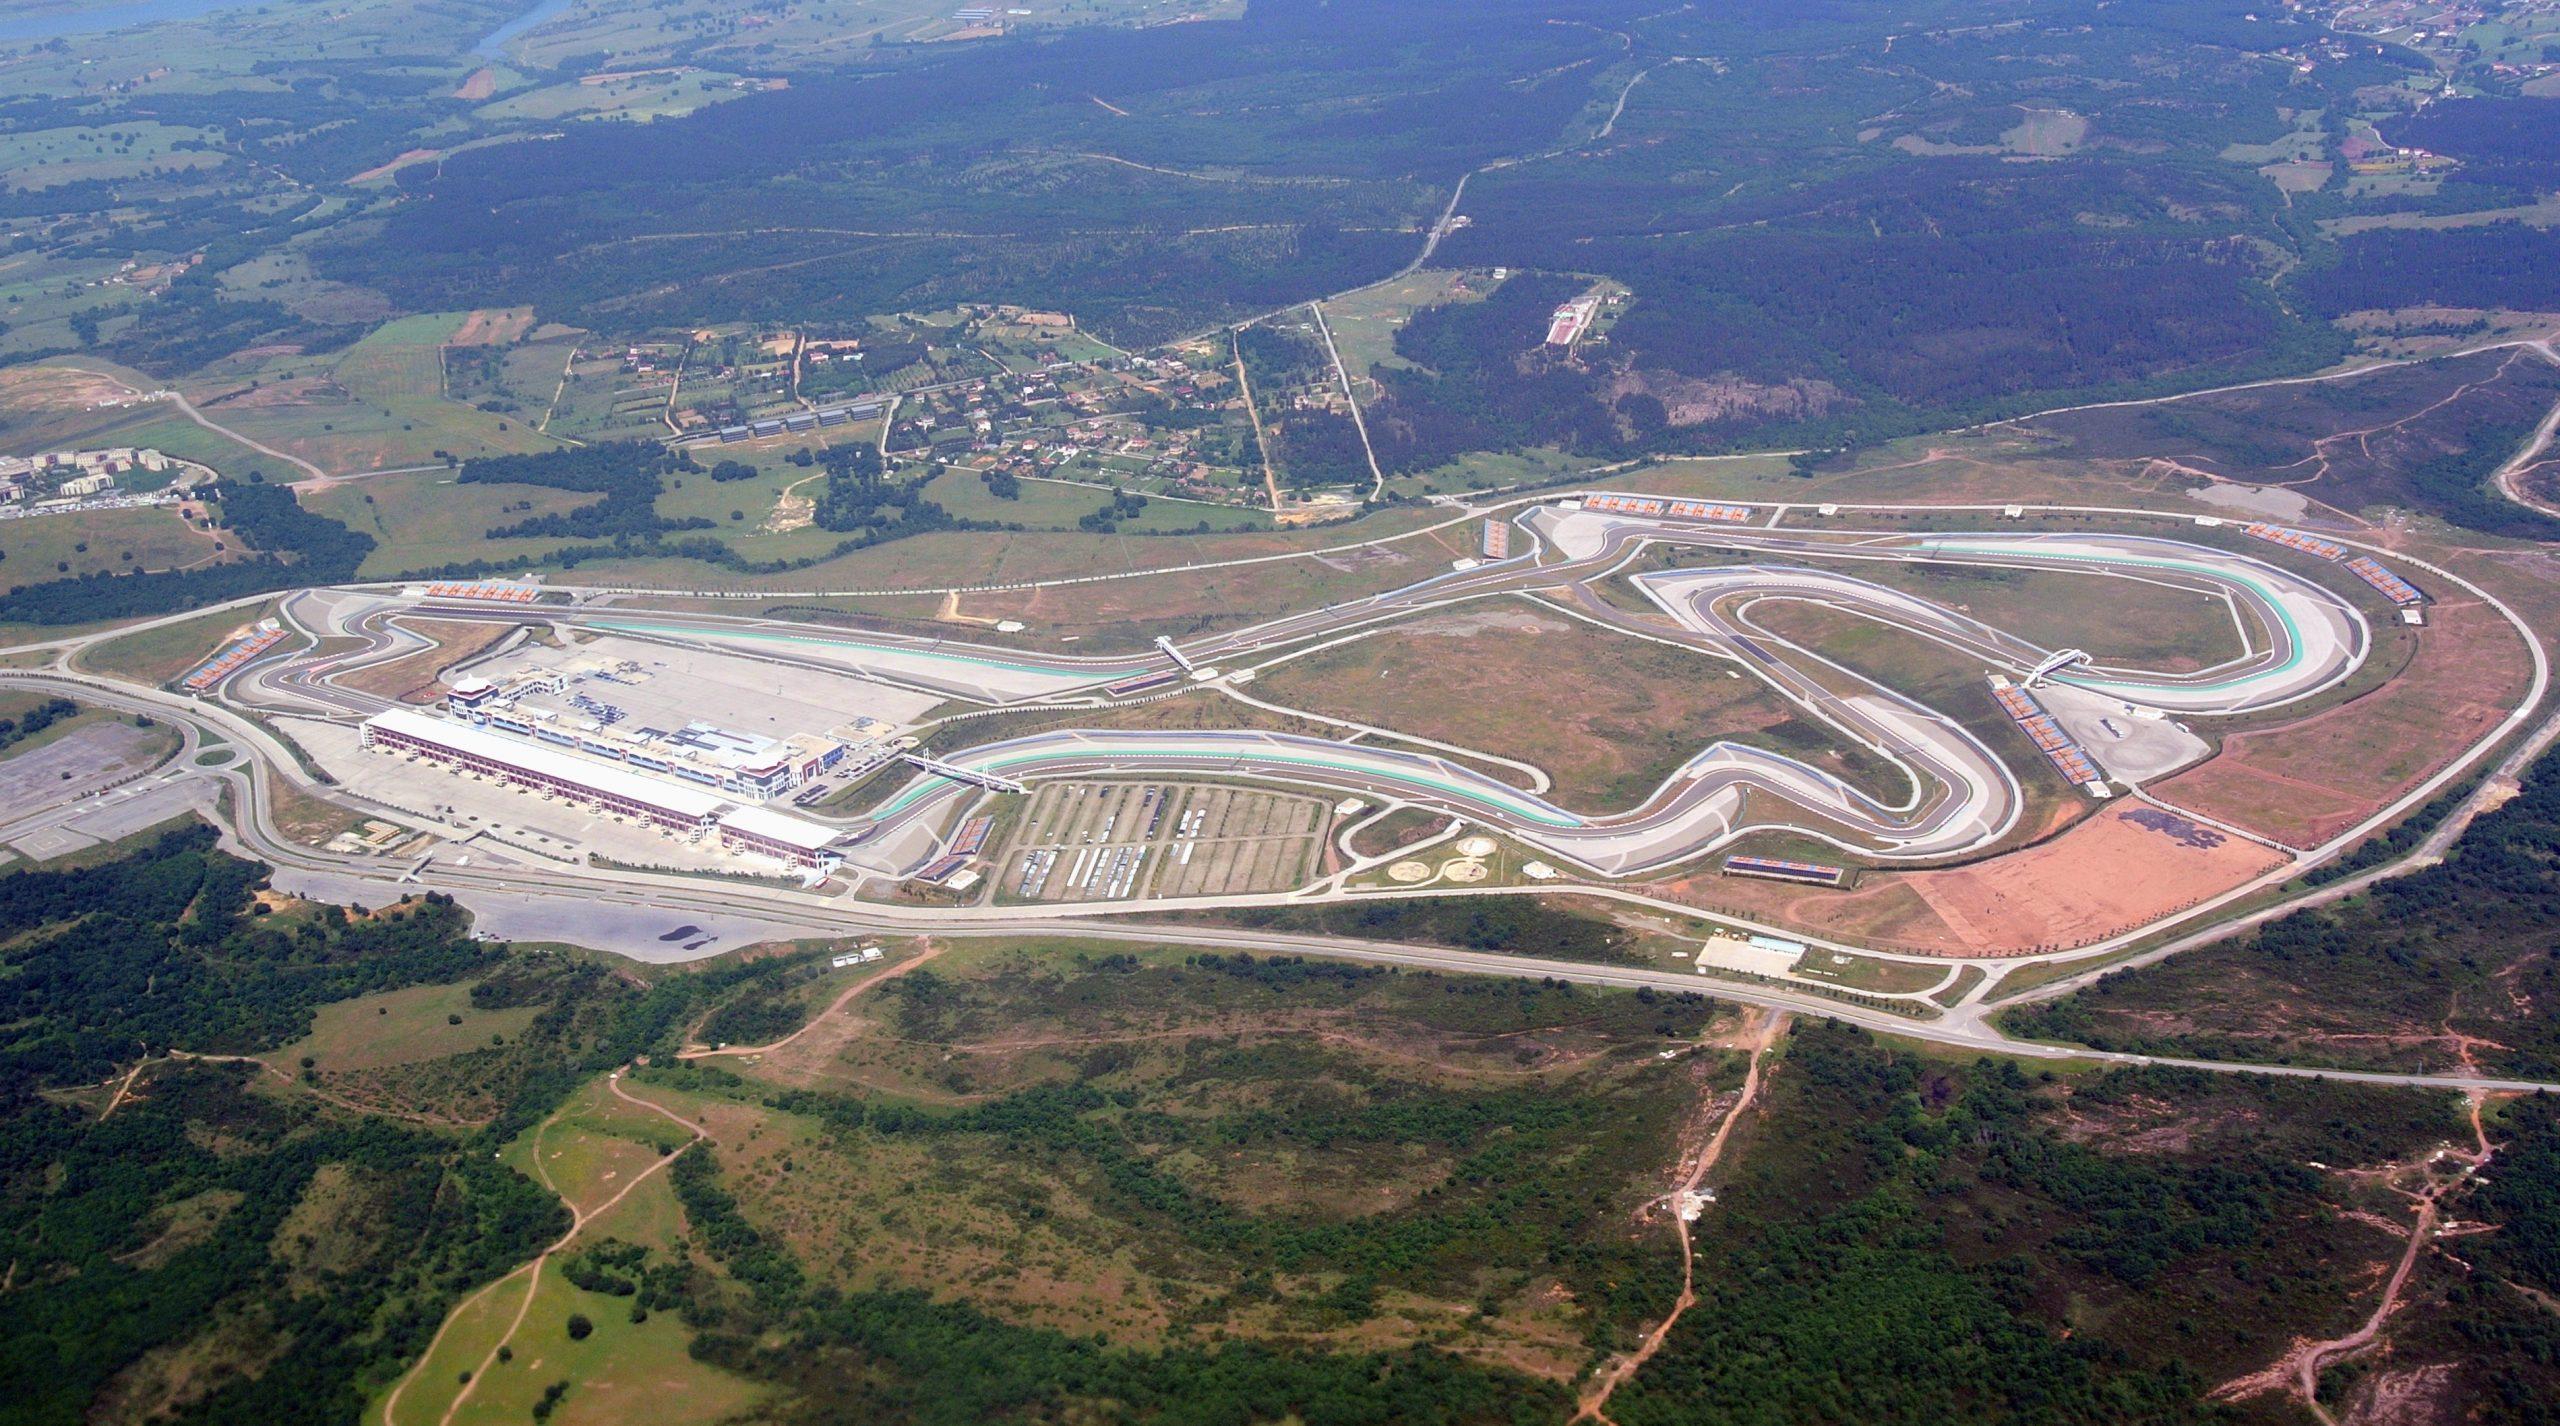 Verkoop tickets F1 Grand Prix van Turkije: Hier wil je bij zijn!